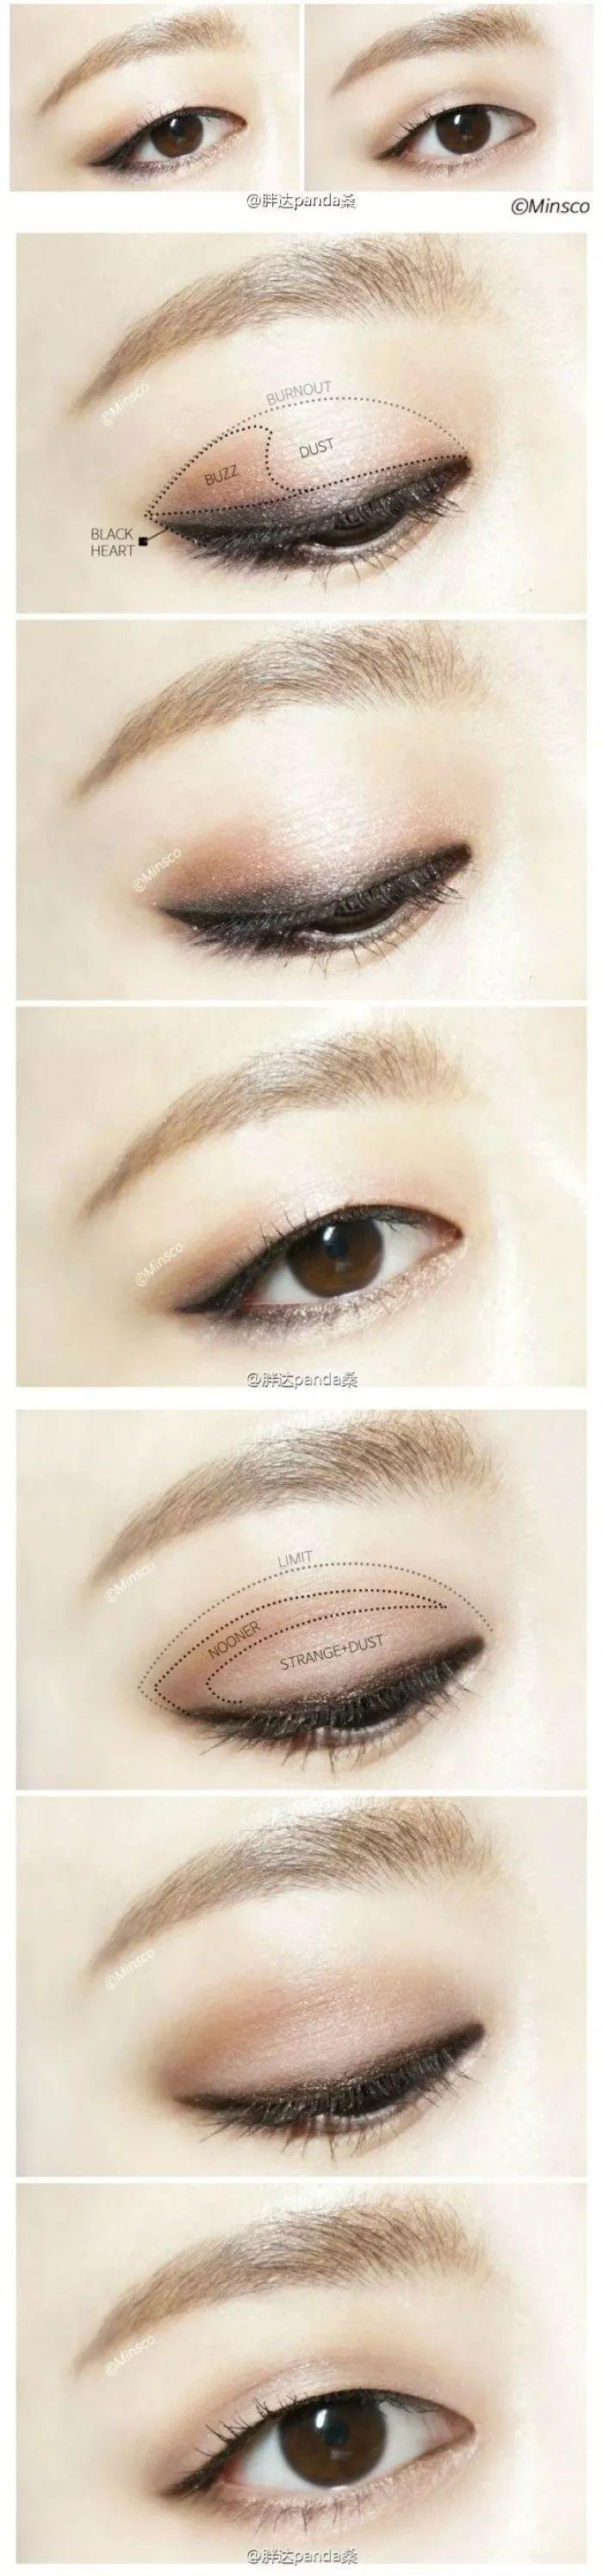 內雙腫眼泡的眼妝畫法,新技能get!